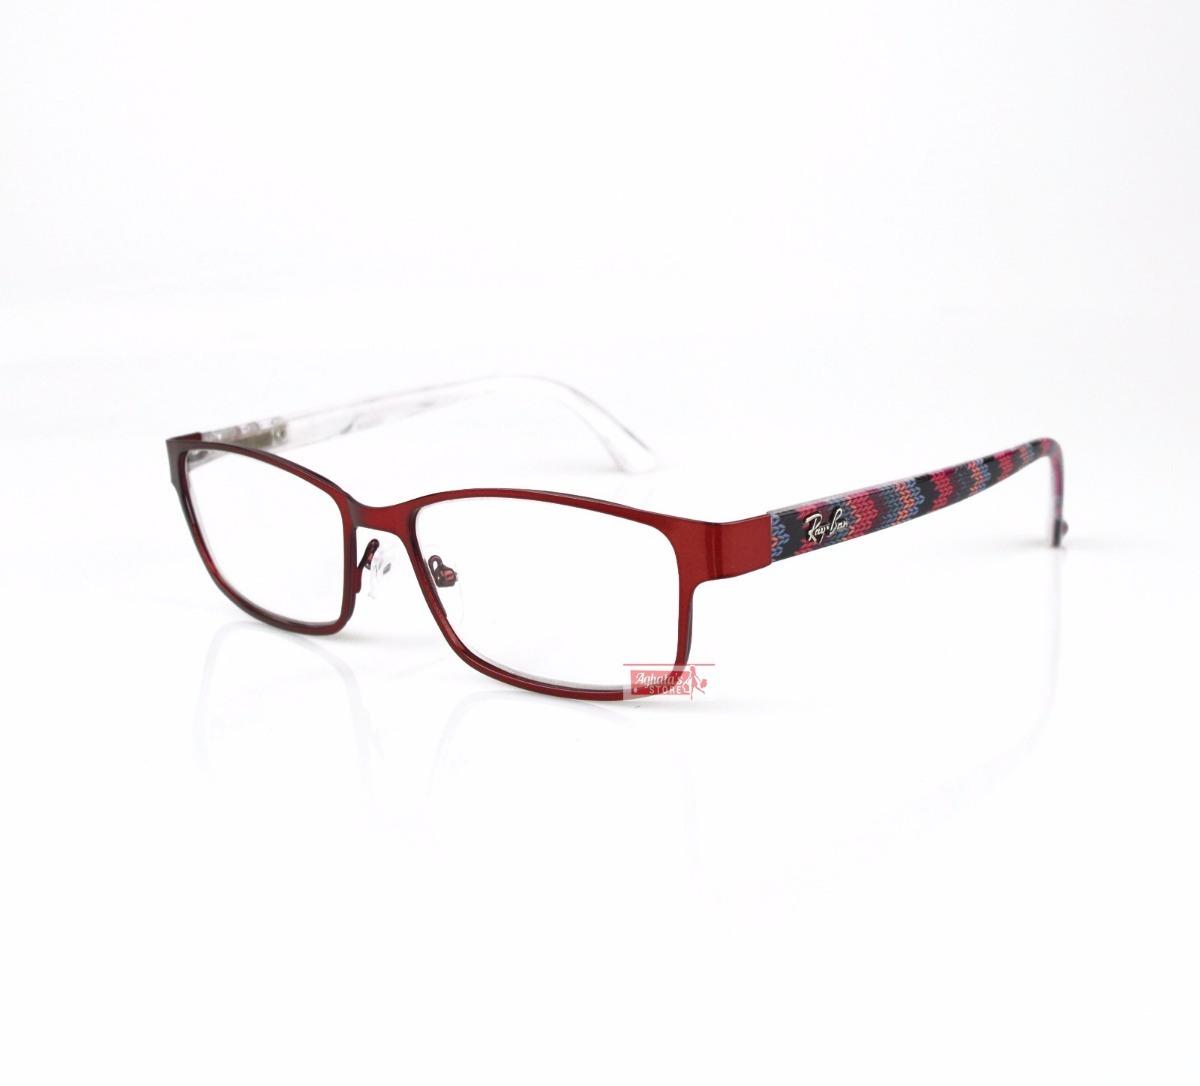 685120666e245 armação óculos de grau rayban metal prmoção unissex rb1371. Carregando zoom.